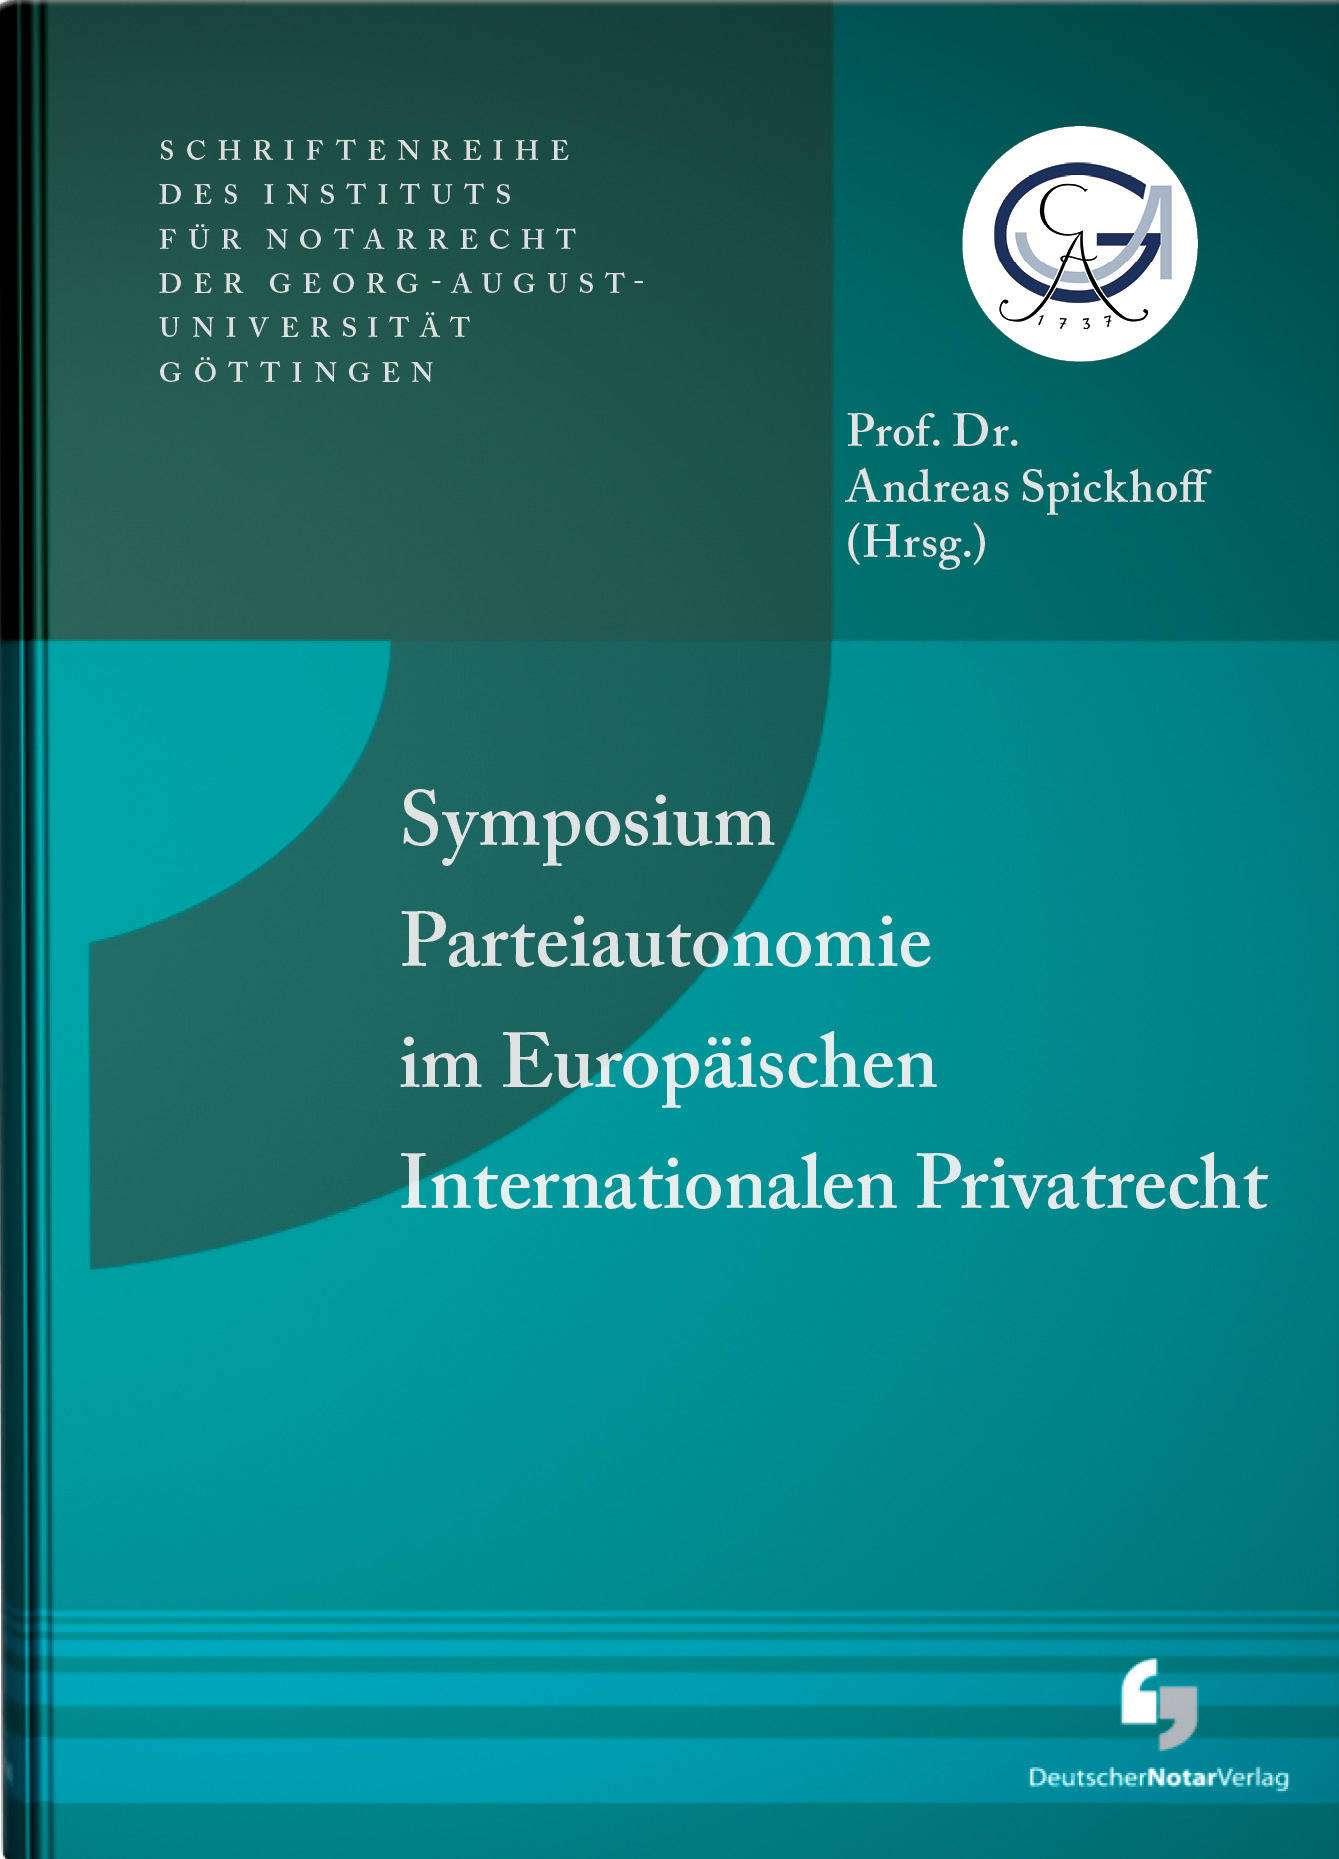 Symposium Parteiautonomie Im Europäischen Internationalen